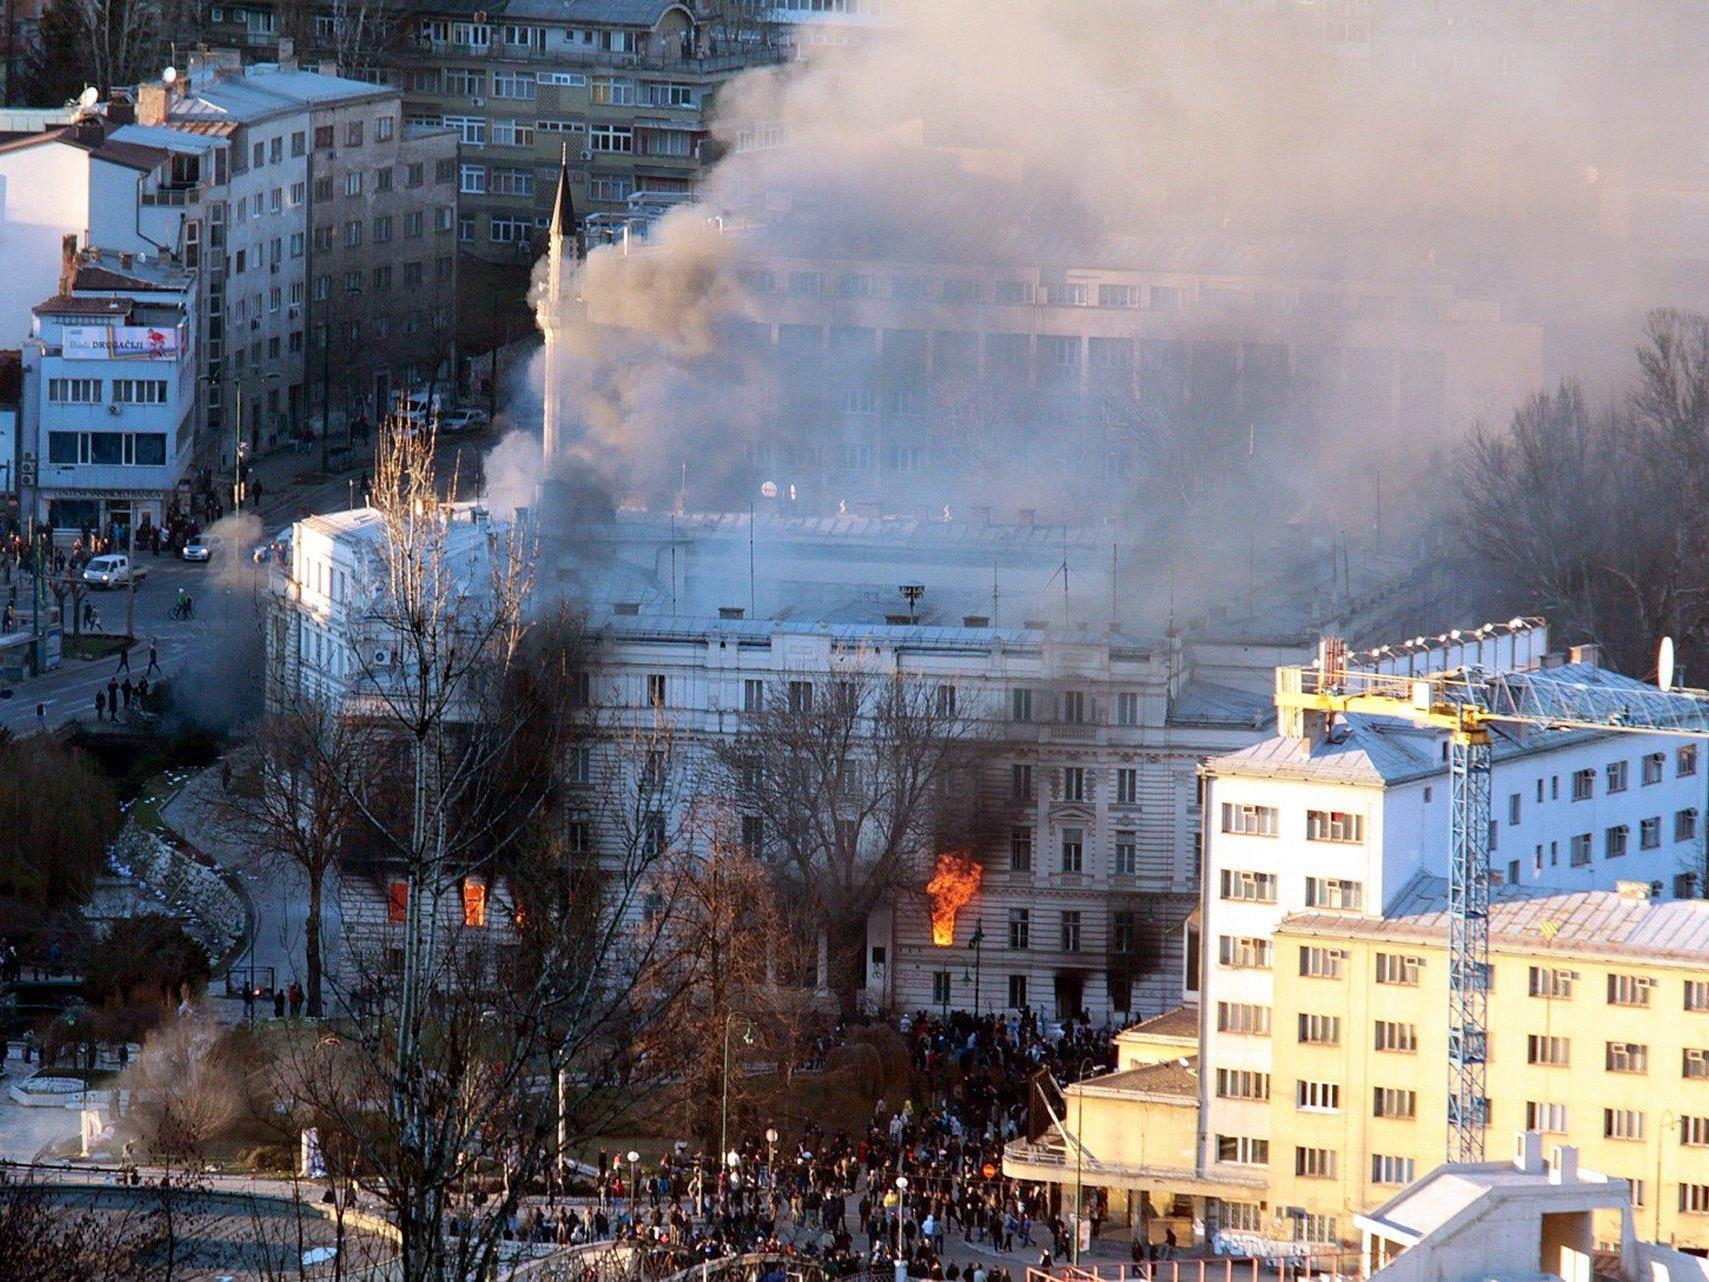 Das Gebäude der Kantonalregierung in Sarajewo in Flammen.